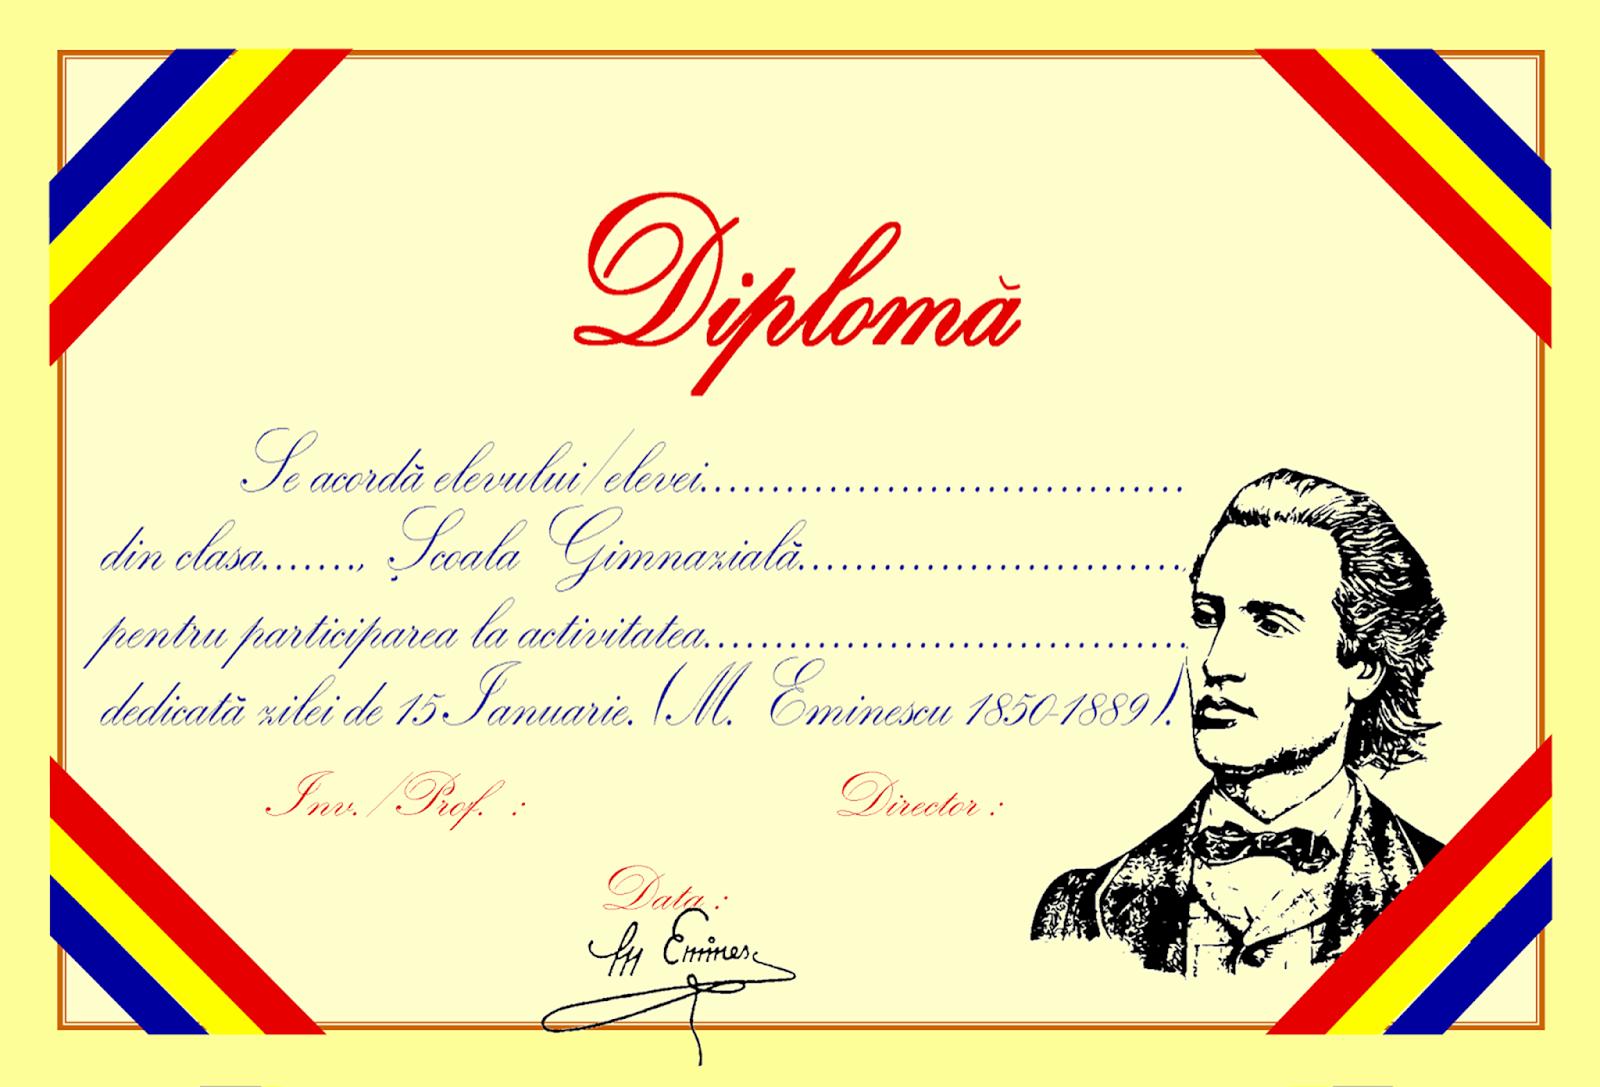 Diplome pentru activitățile desfășurate pe 15 Ianuarie